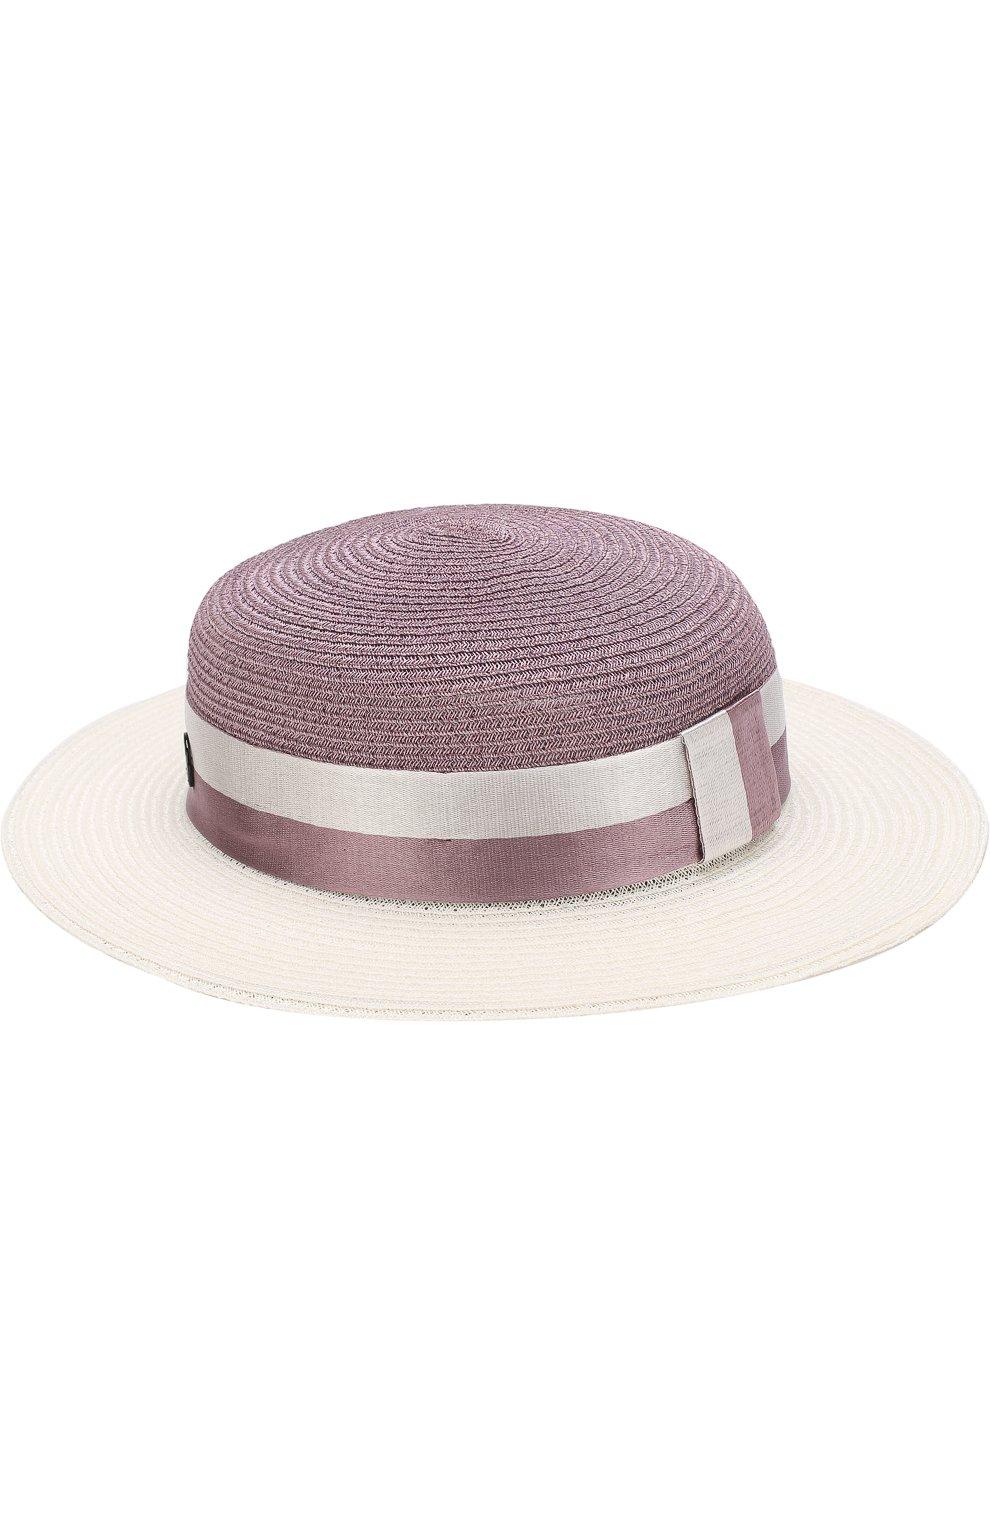 Женская шляпа rod с лентой MAISON MICHEL сиреневого цвета, арт. 1062015004/R0D   Фото 2